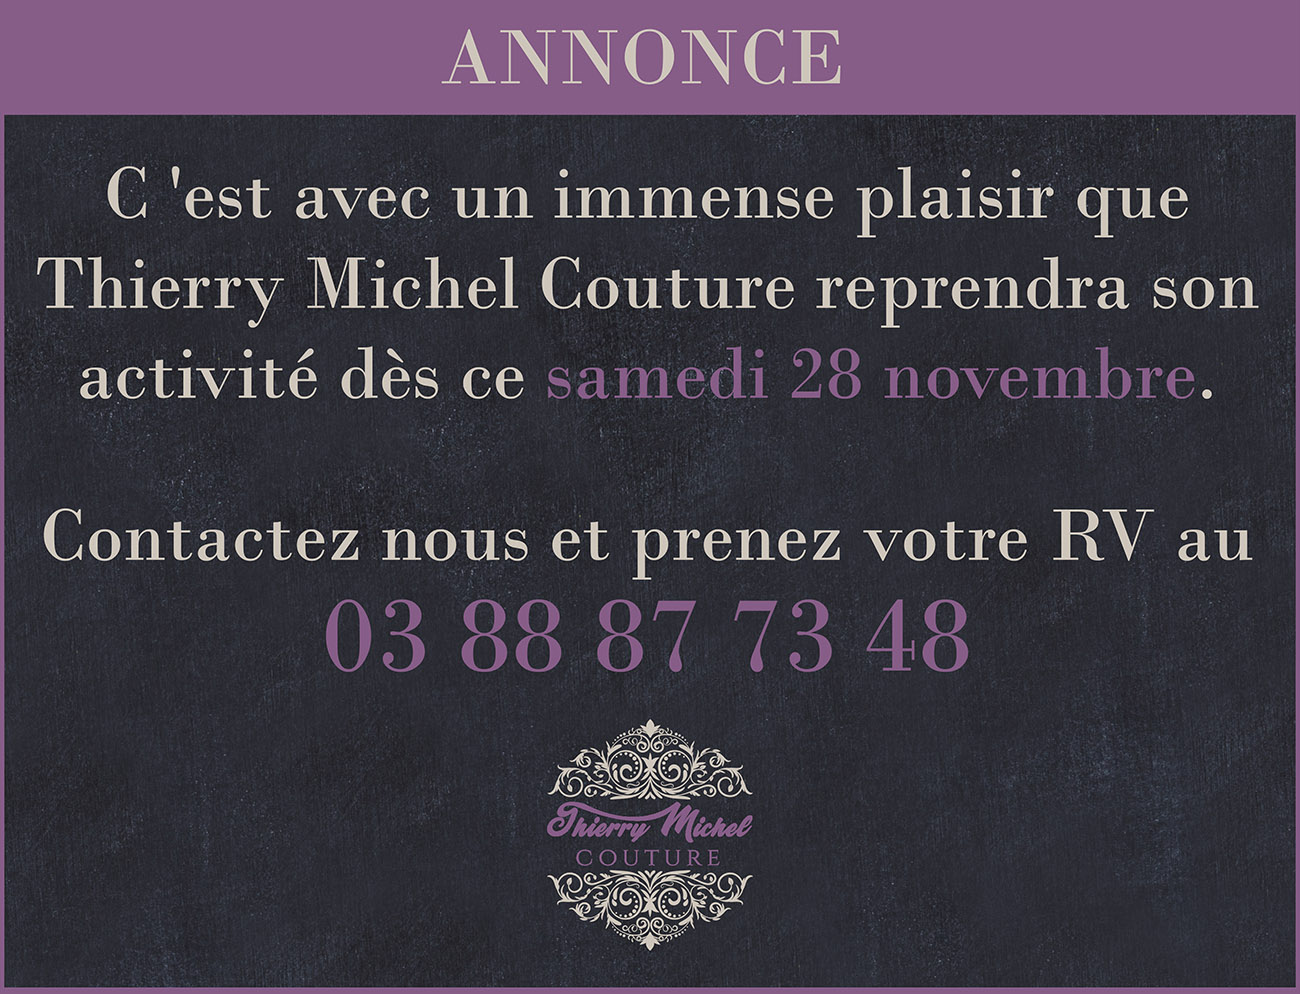 C 'est avec un immense plaisir que Thierry Michel Couture reprendra son activité dès ce samedi 28 novembre.  Contactez nous et prenez votre RV au 03 88 87 73 48